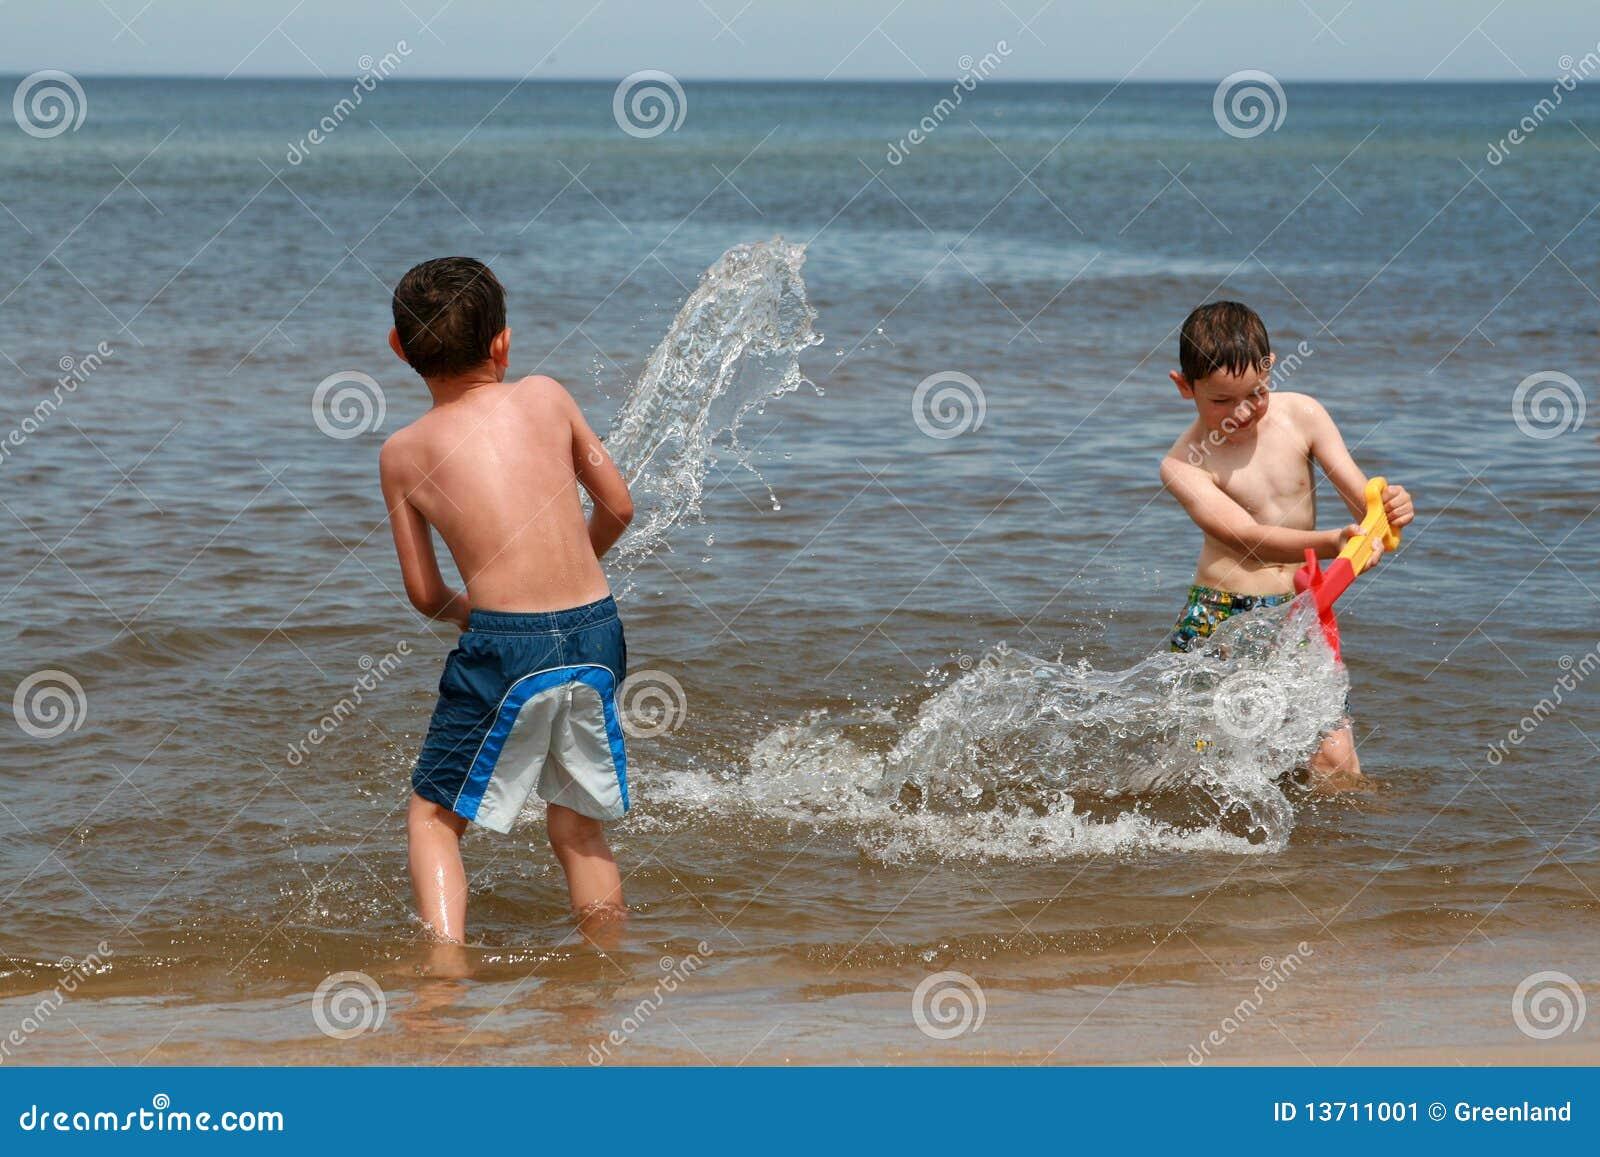 Stranden tycker om roliga waves